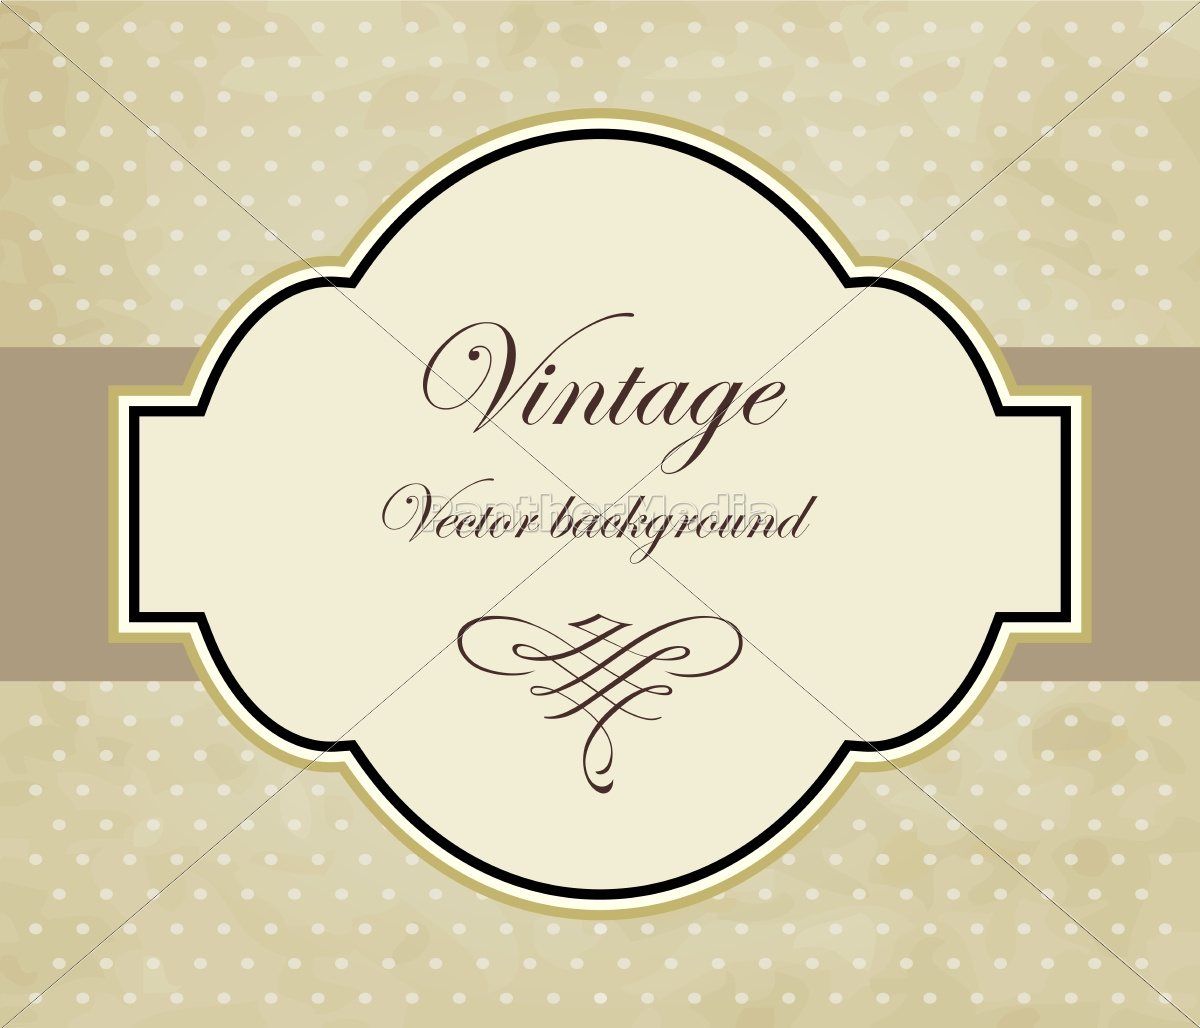 vintage-rahmen vektor-hintergrund - Lizenzfreies Foto - #12316520 ...